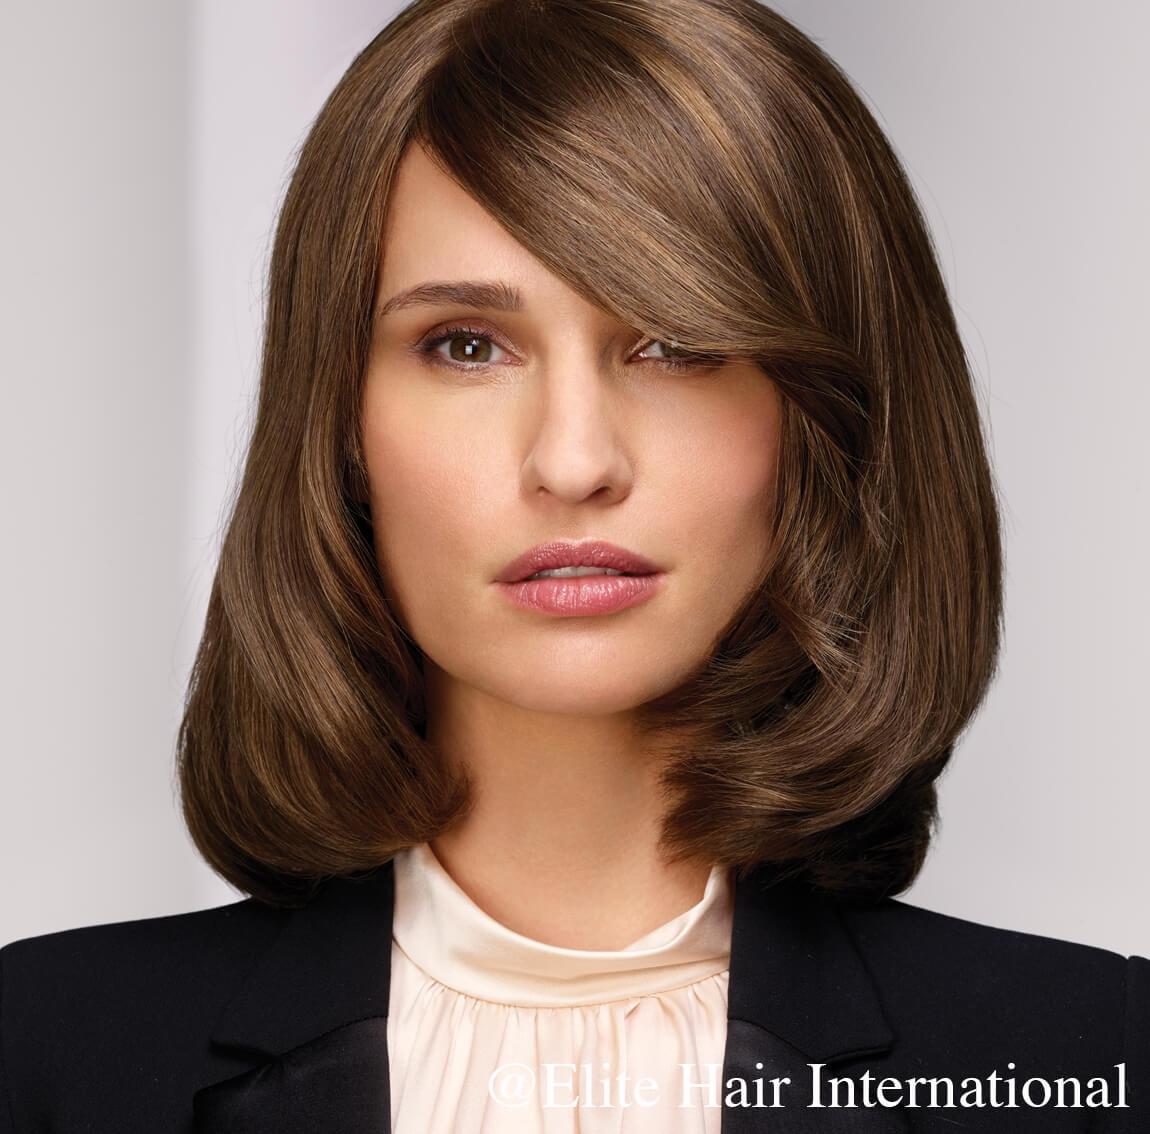 Portait femme portant la perruque naturelle Exception d'Elite Hair International